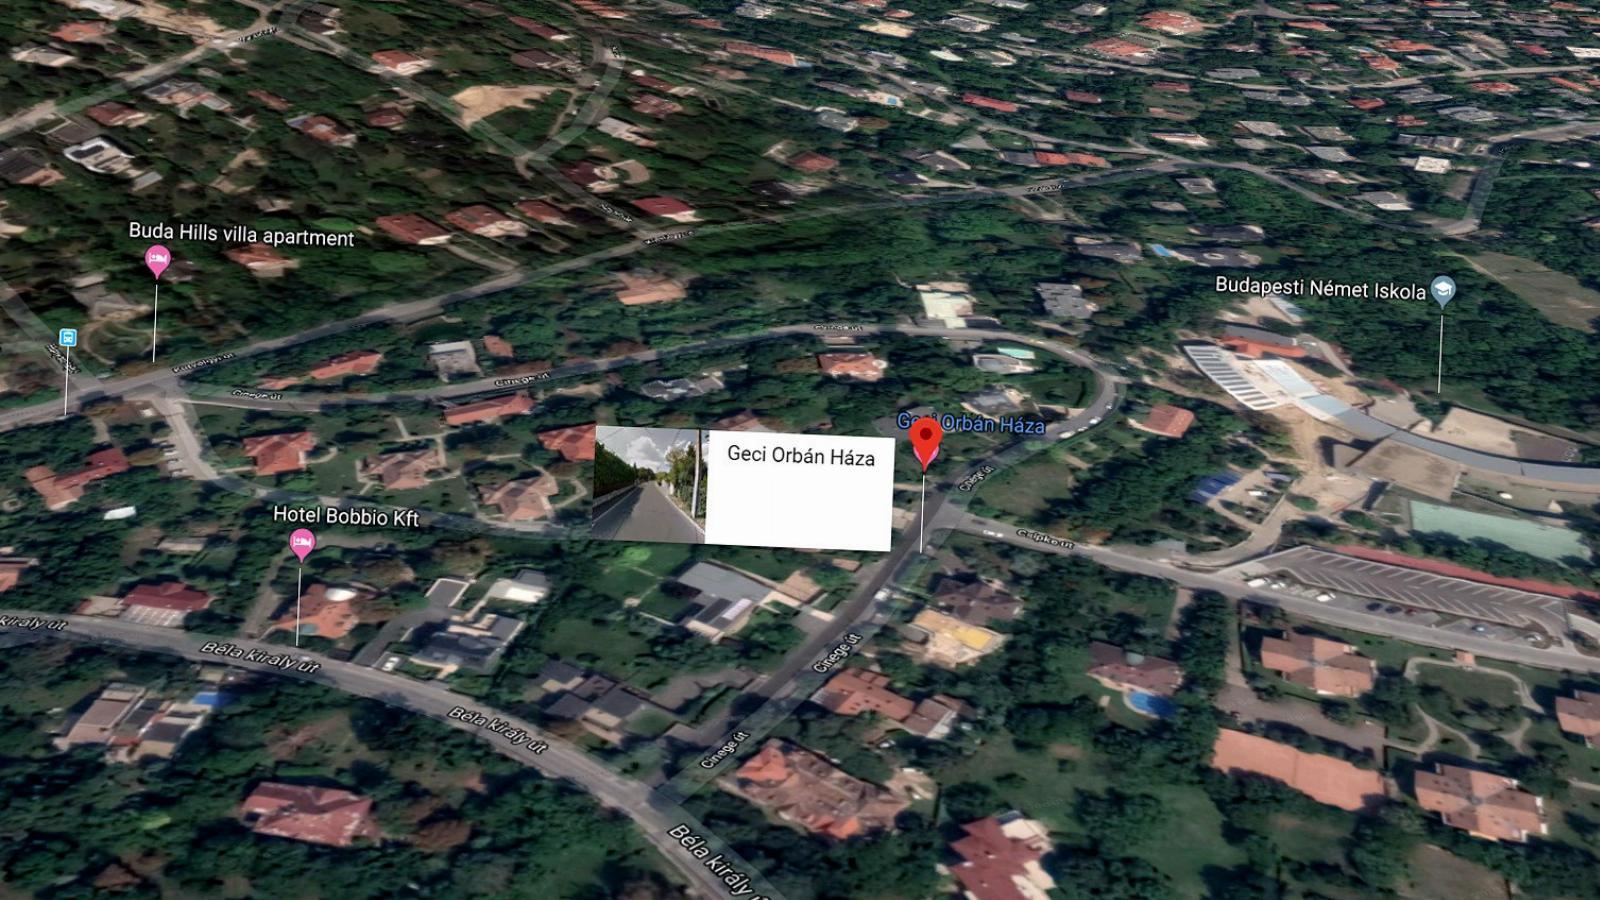 00523434da Népszava Így jelölte a Google térképe Orbán Viktor házát